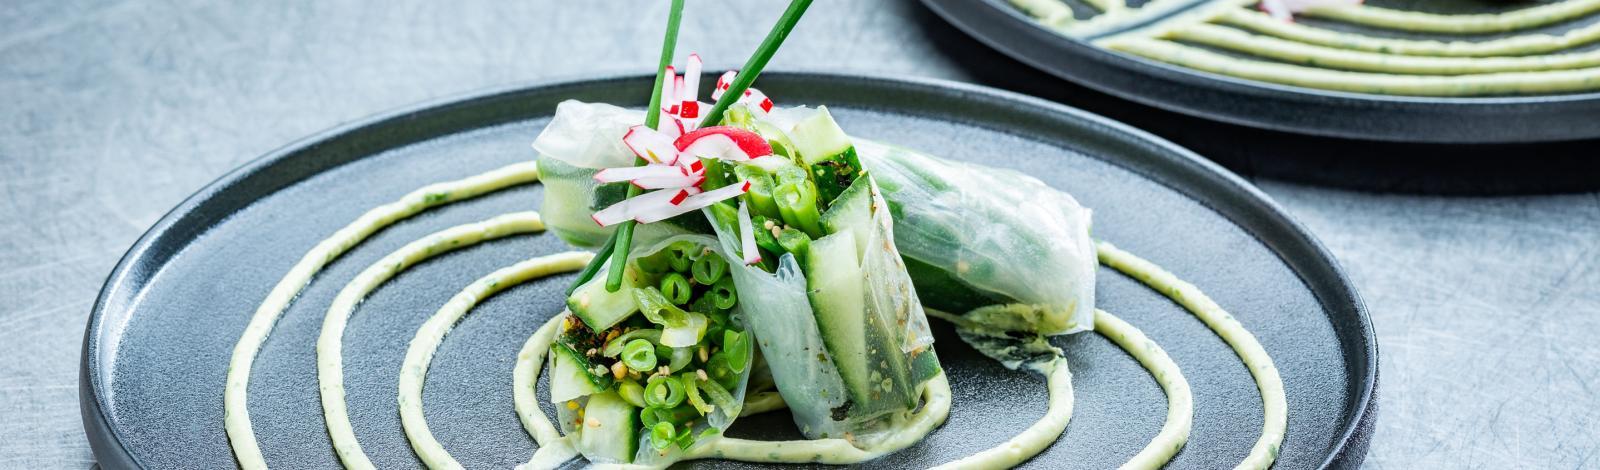 Guilty groenten: Cucumber springrolls